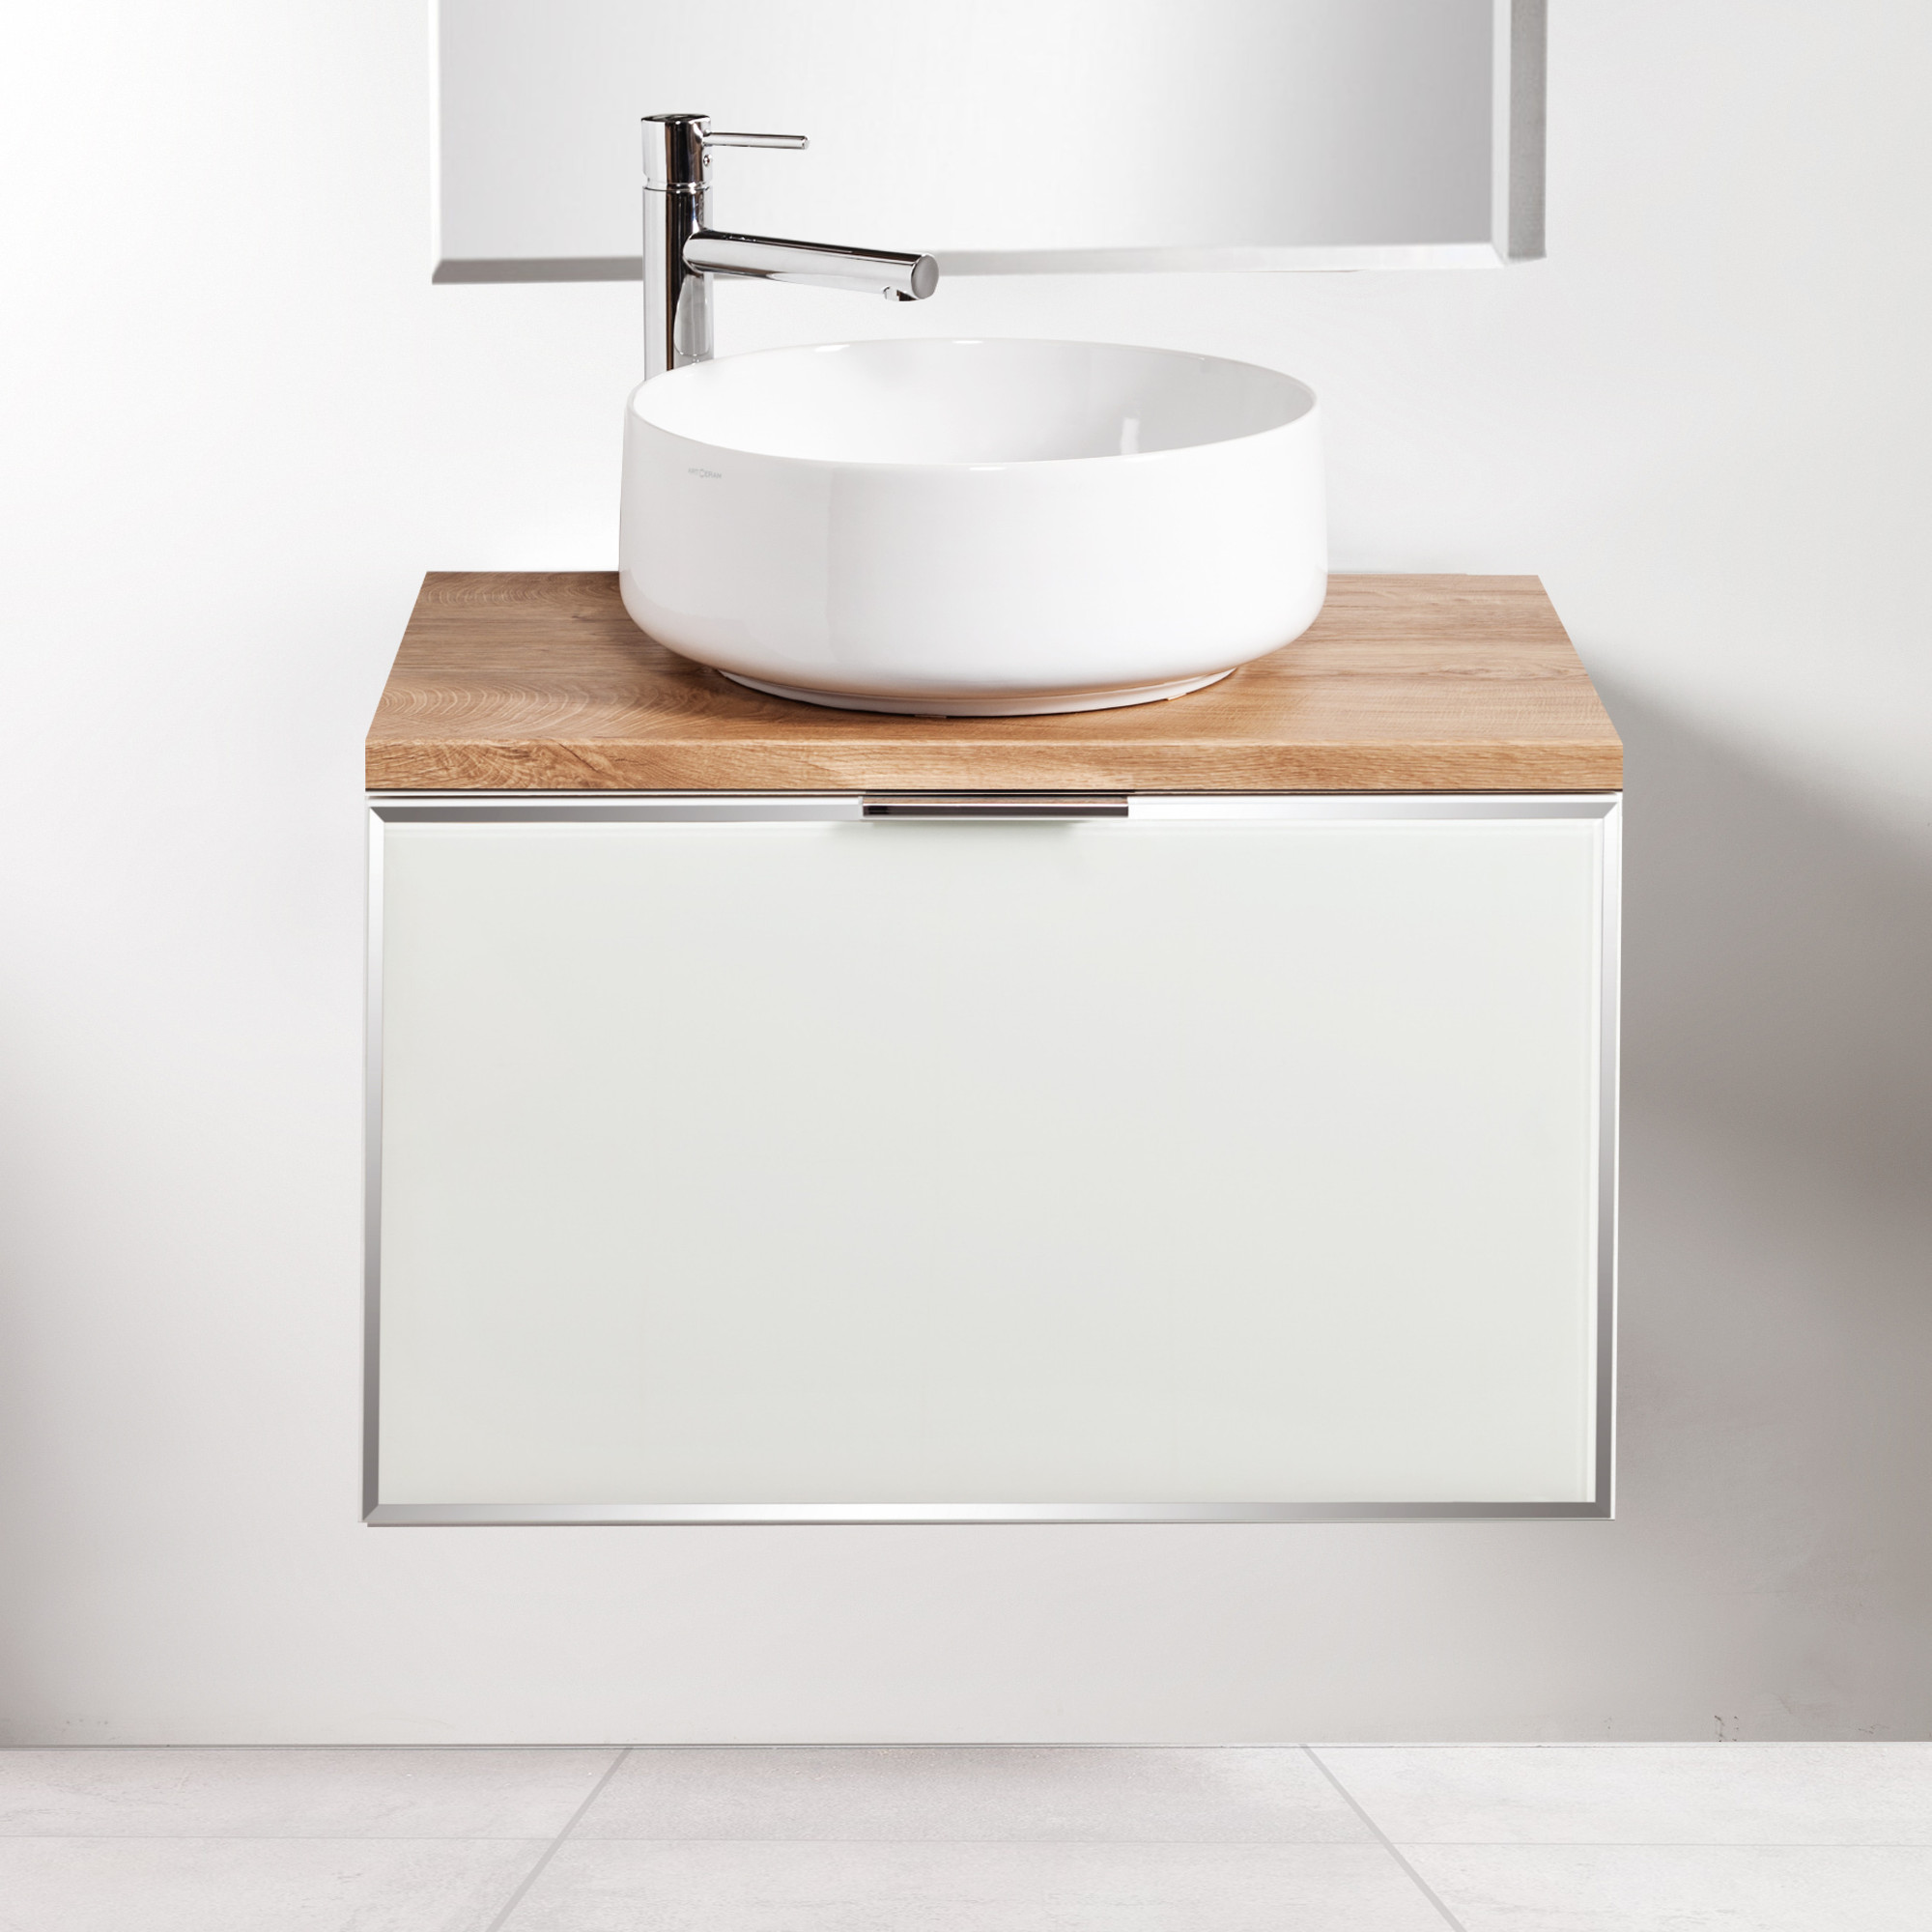 Szafka łazienkowa Sanitti Delta 70 cm kolor frontu biały z blatem dąb classic i umywalką Art-42